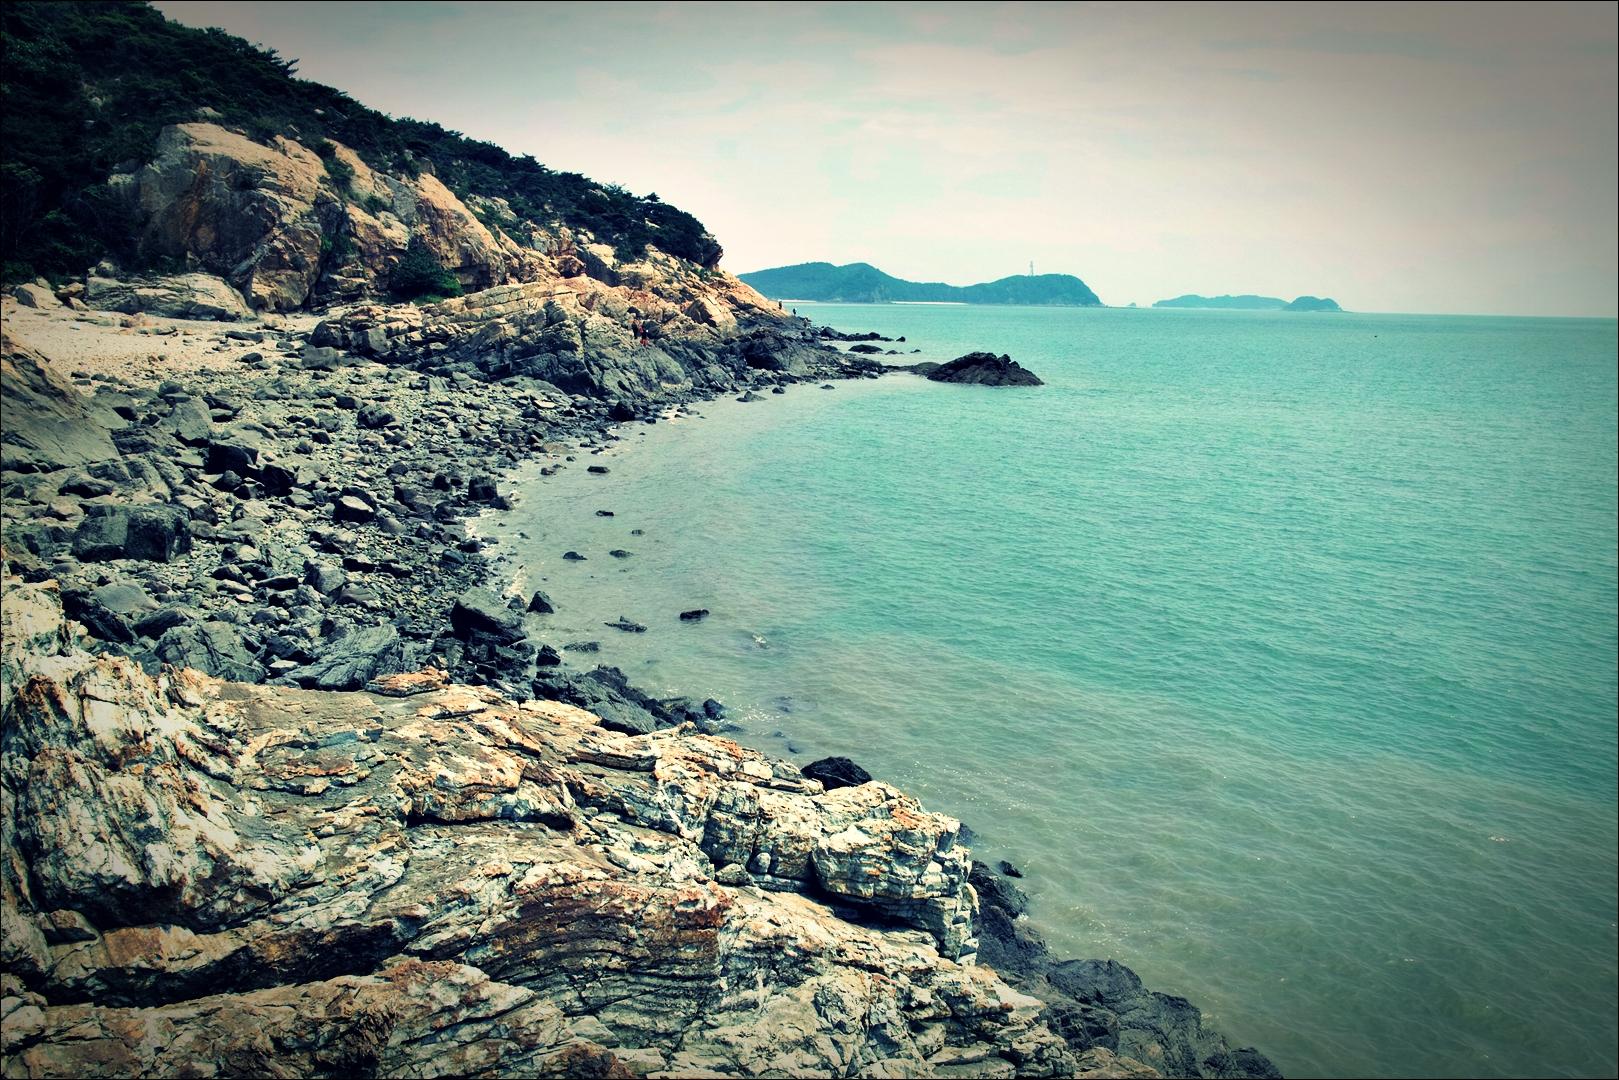 해안 트레킹-'장봉도 백패킹 Jangbongdo Backpacking'